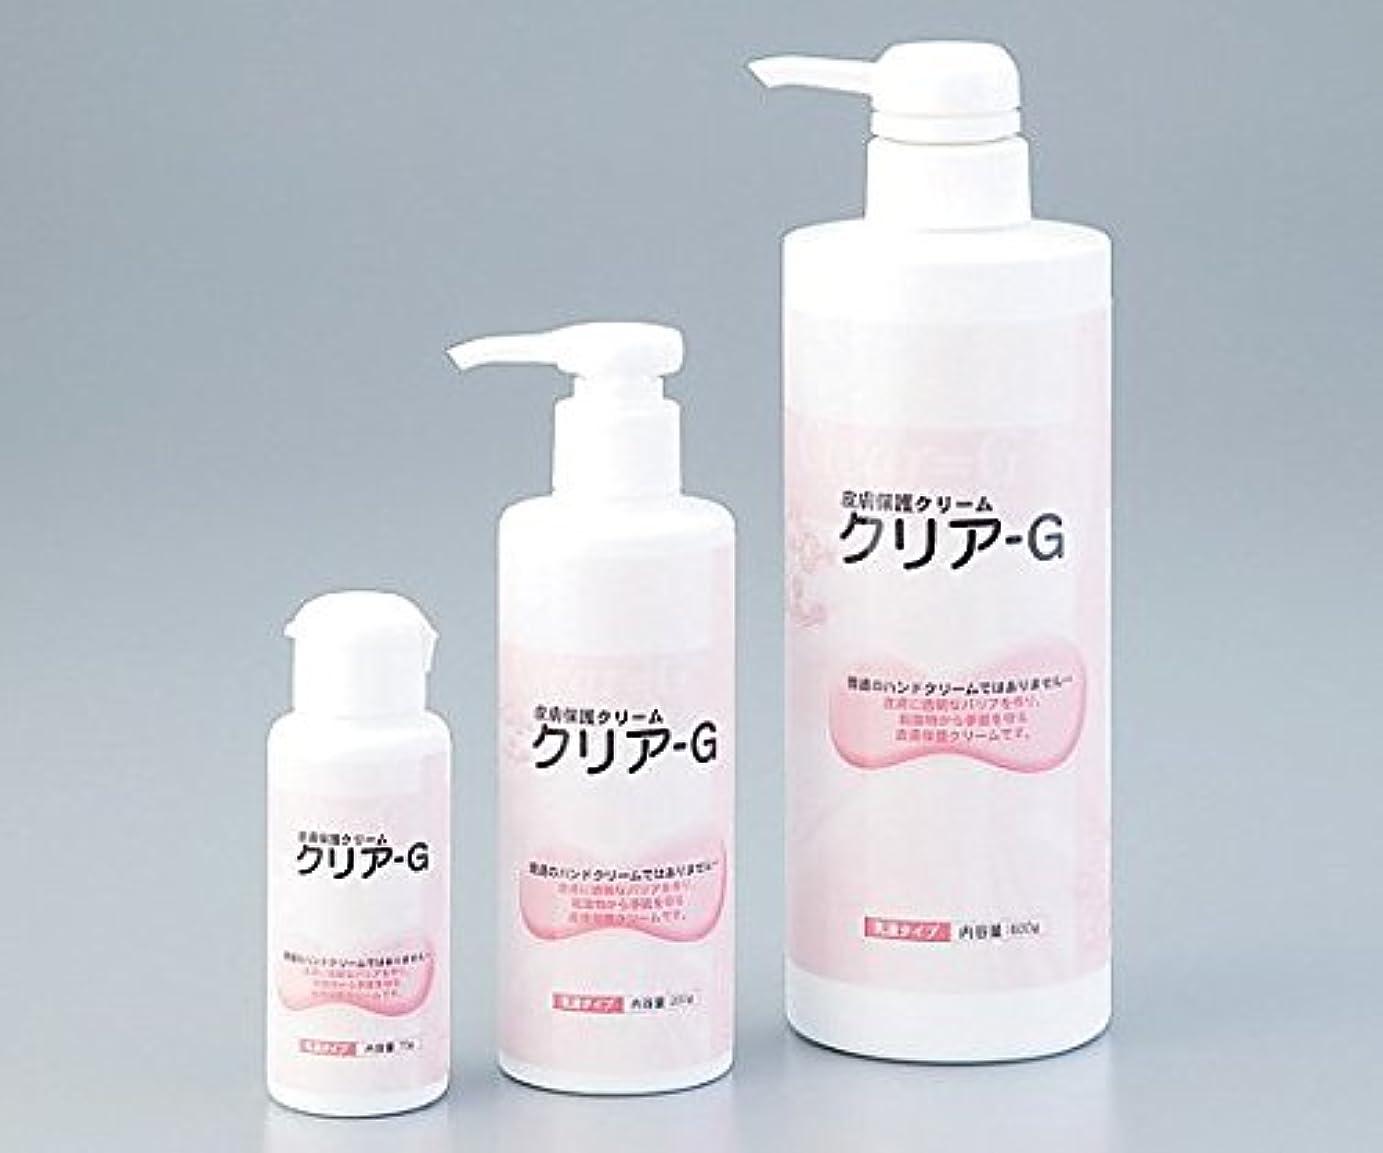 悪化させる目を覚ますクレデンシャルナビス 皮膚保護クリーム 600g 0-8238-12